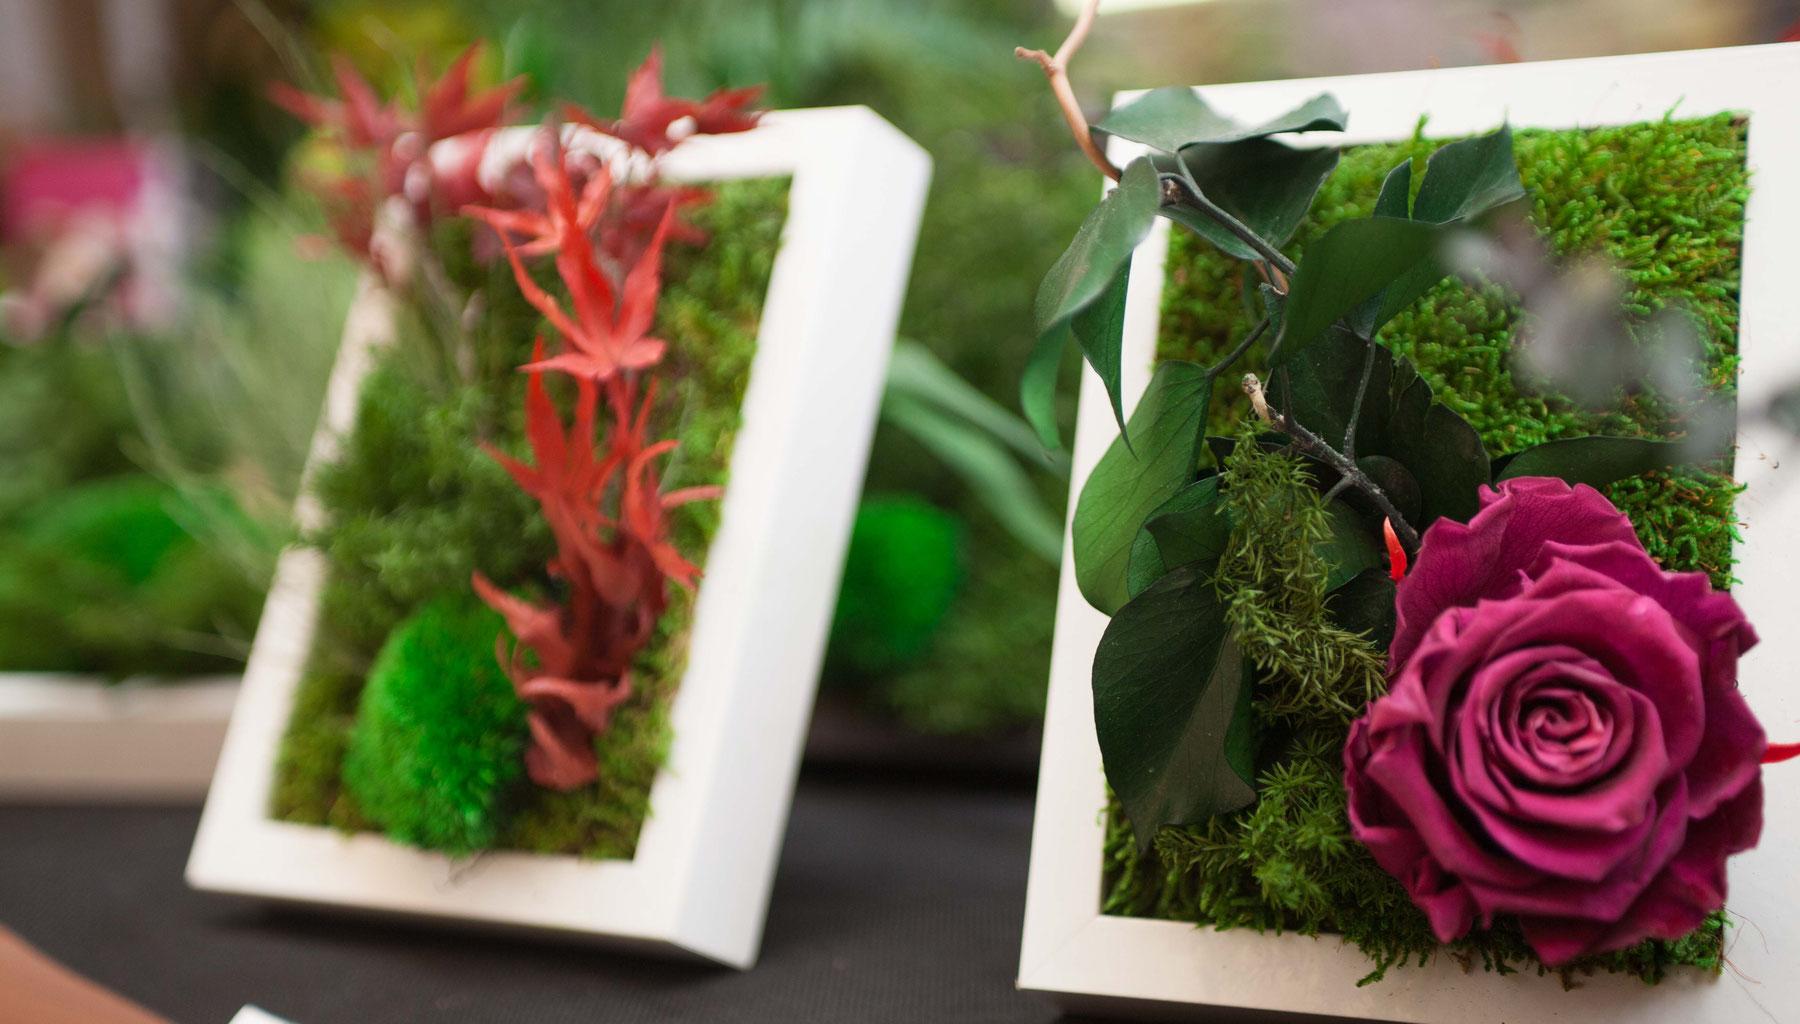 tableau vegetal stabilise vegetal indoor mur v g tal stabilis. Black Bedroom Furniture Sets. Home Design Ideas